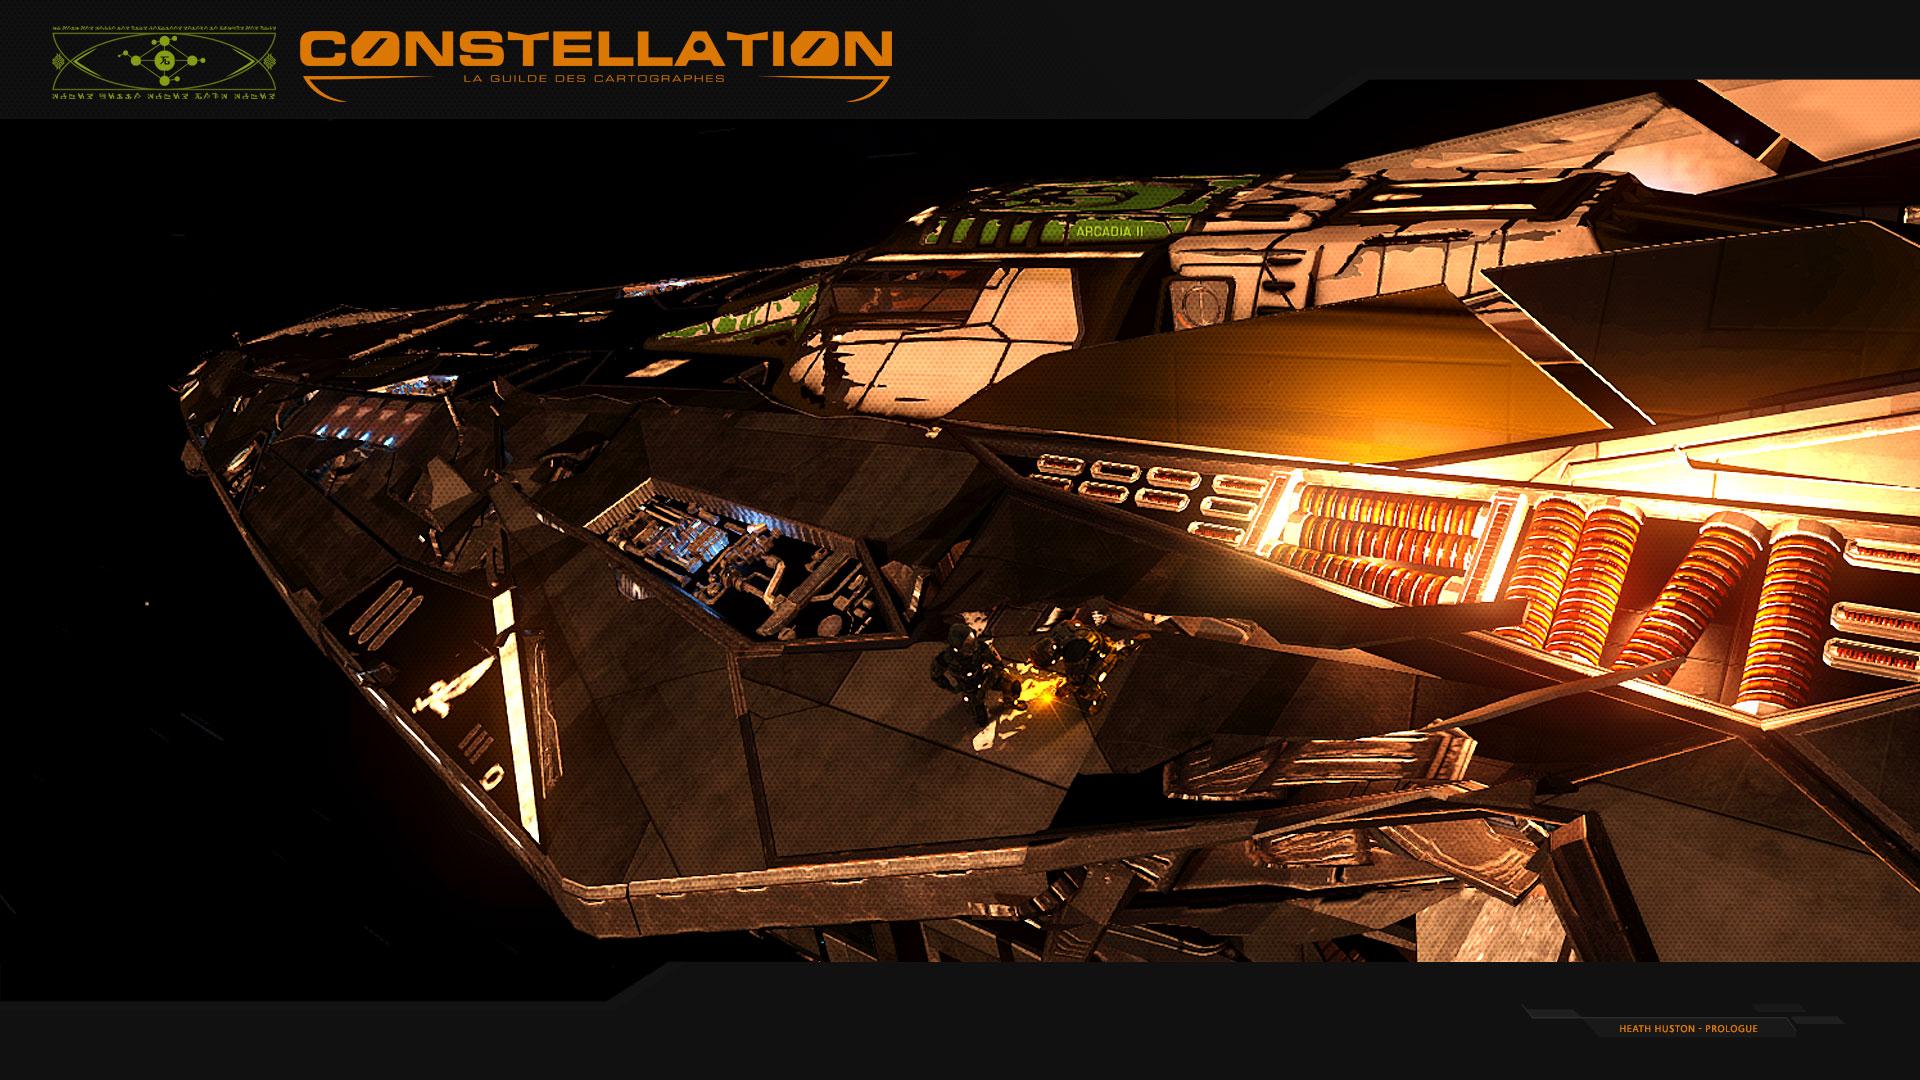 Constellation_reparation_Arcadia_lgc